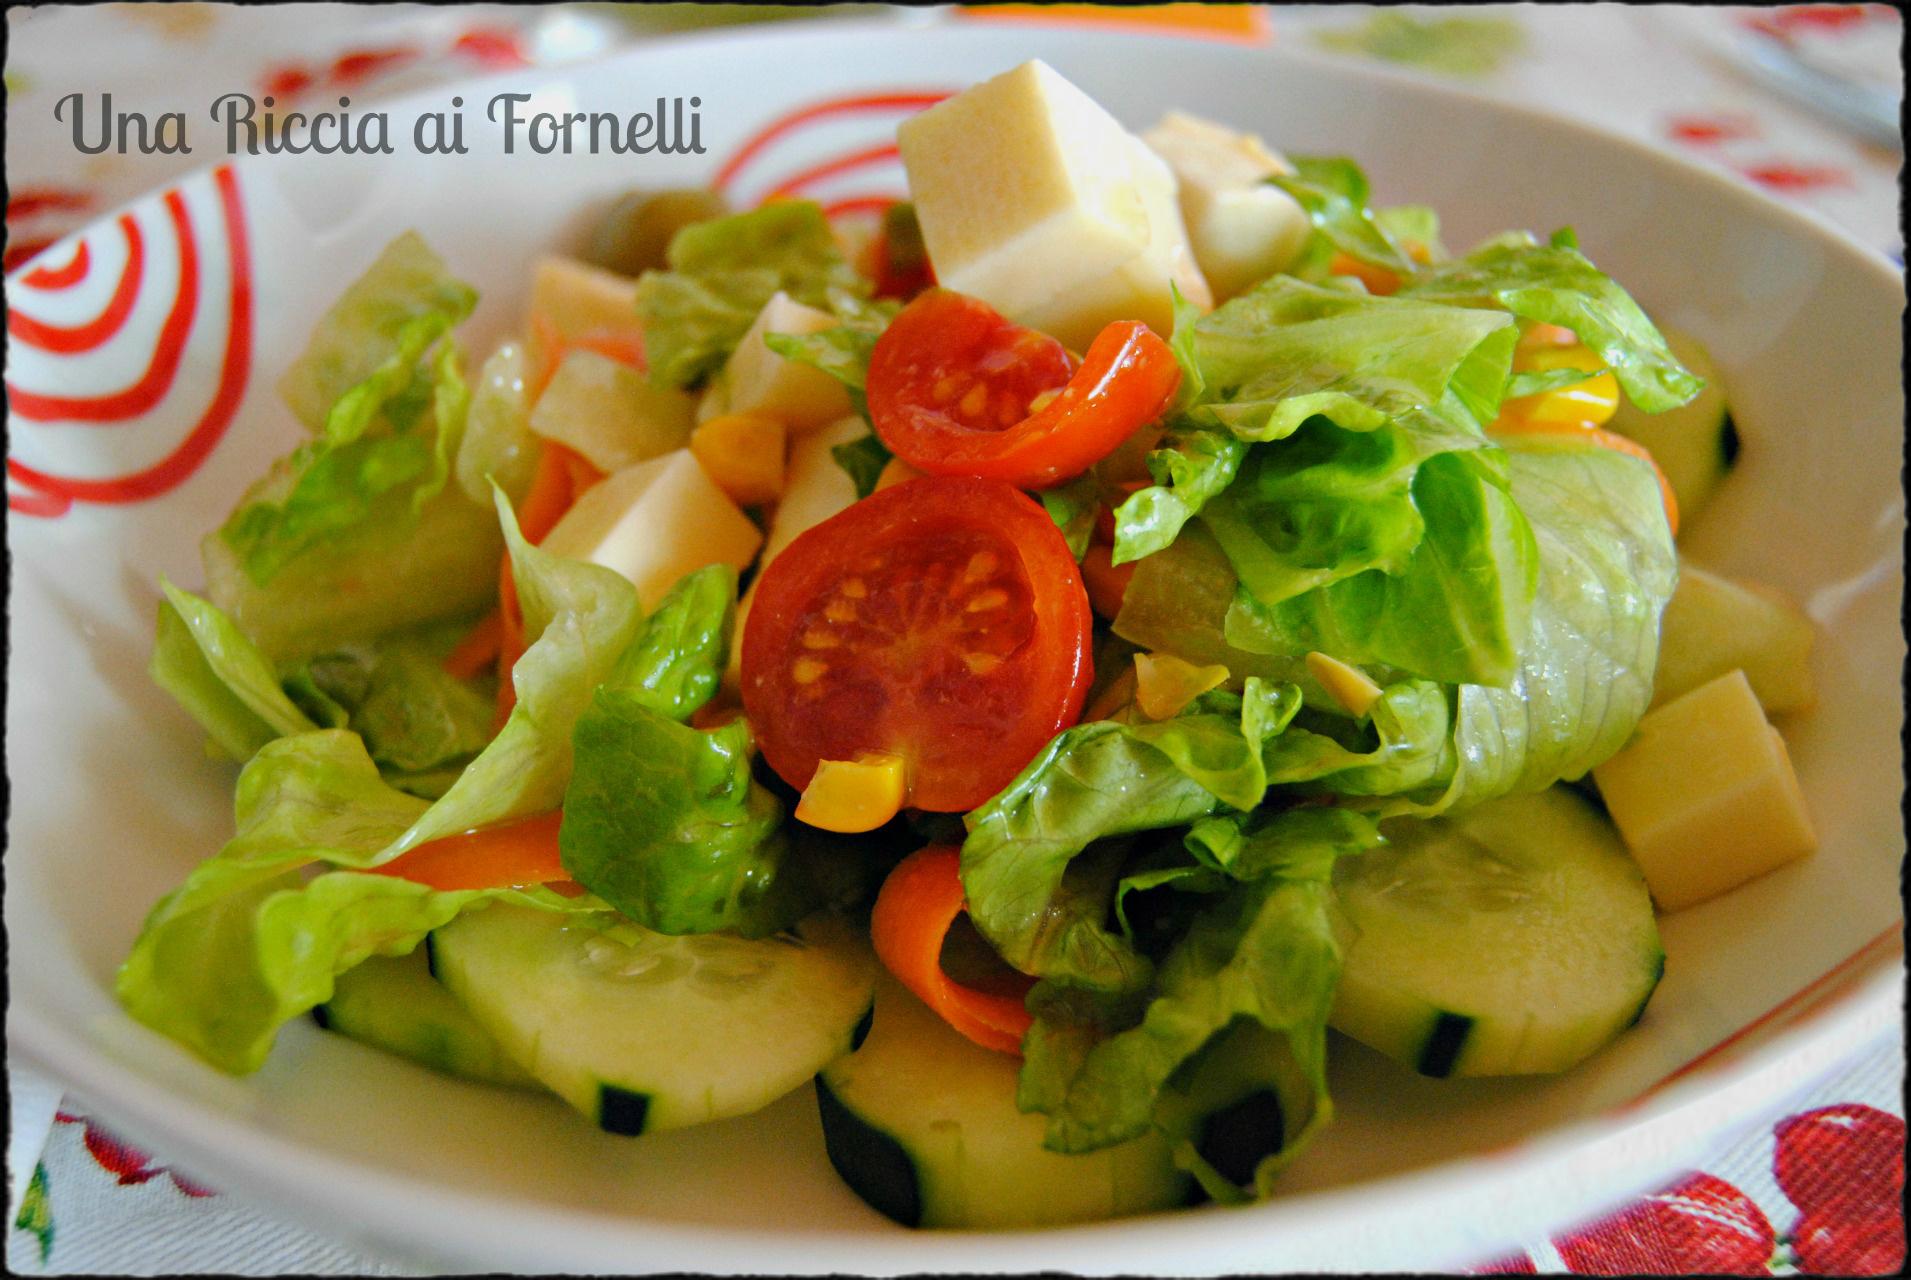 Insalatona ricetta salva pranzo una riccia ai fornelli - Cena tra amici cosa cucinare ...